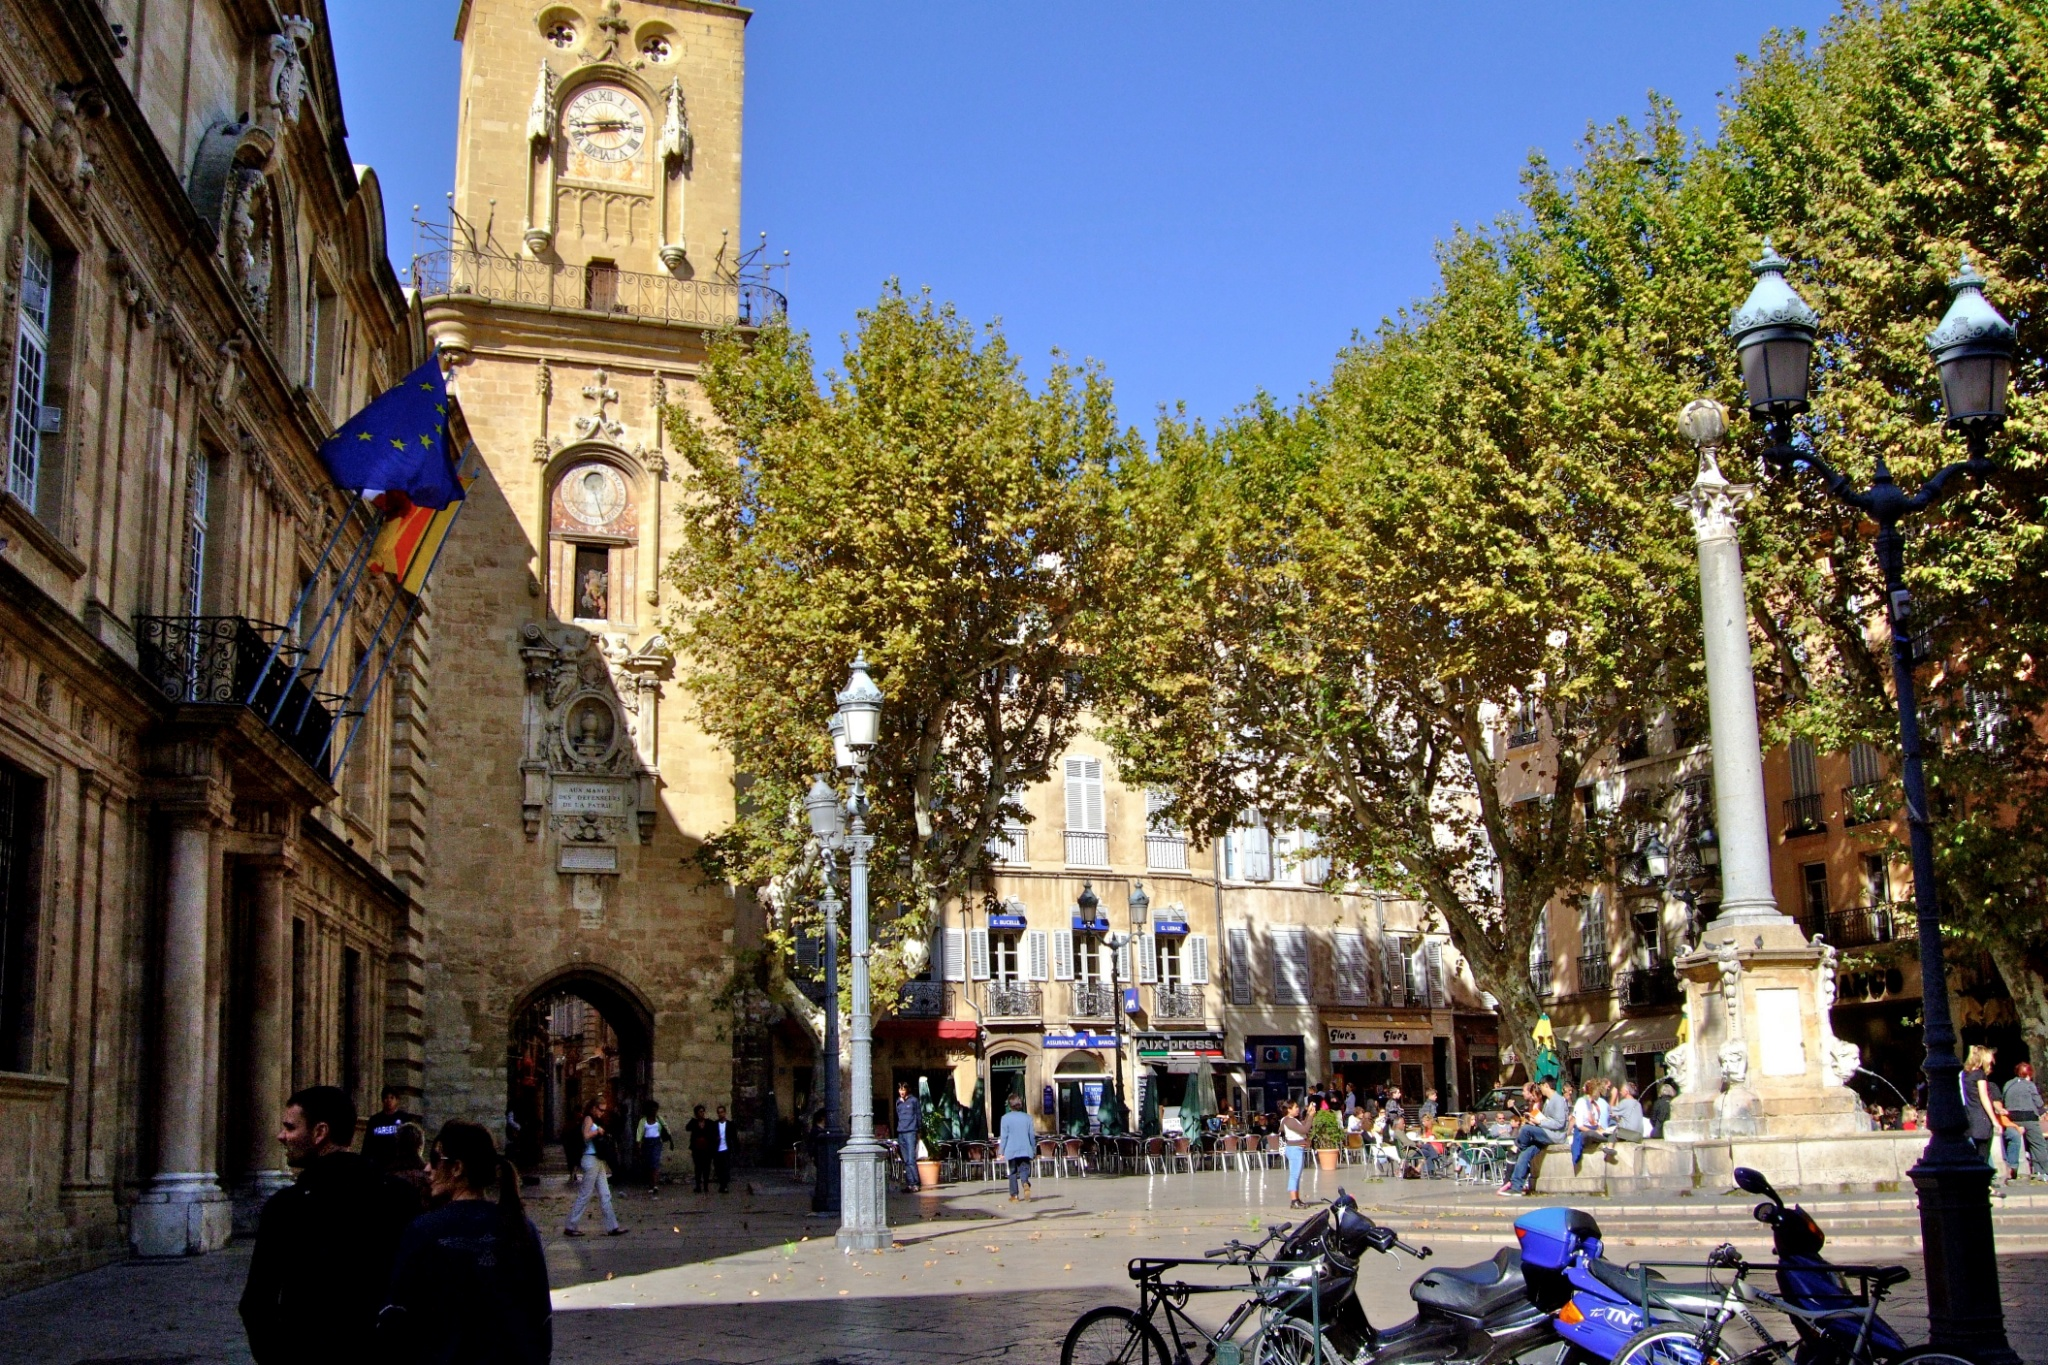 Aix en provence place l hotel de ville - Bus aix en provence salon de provence ...